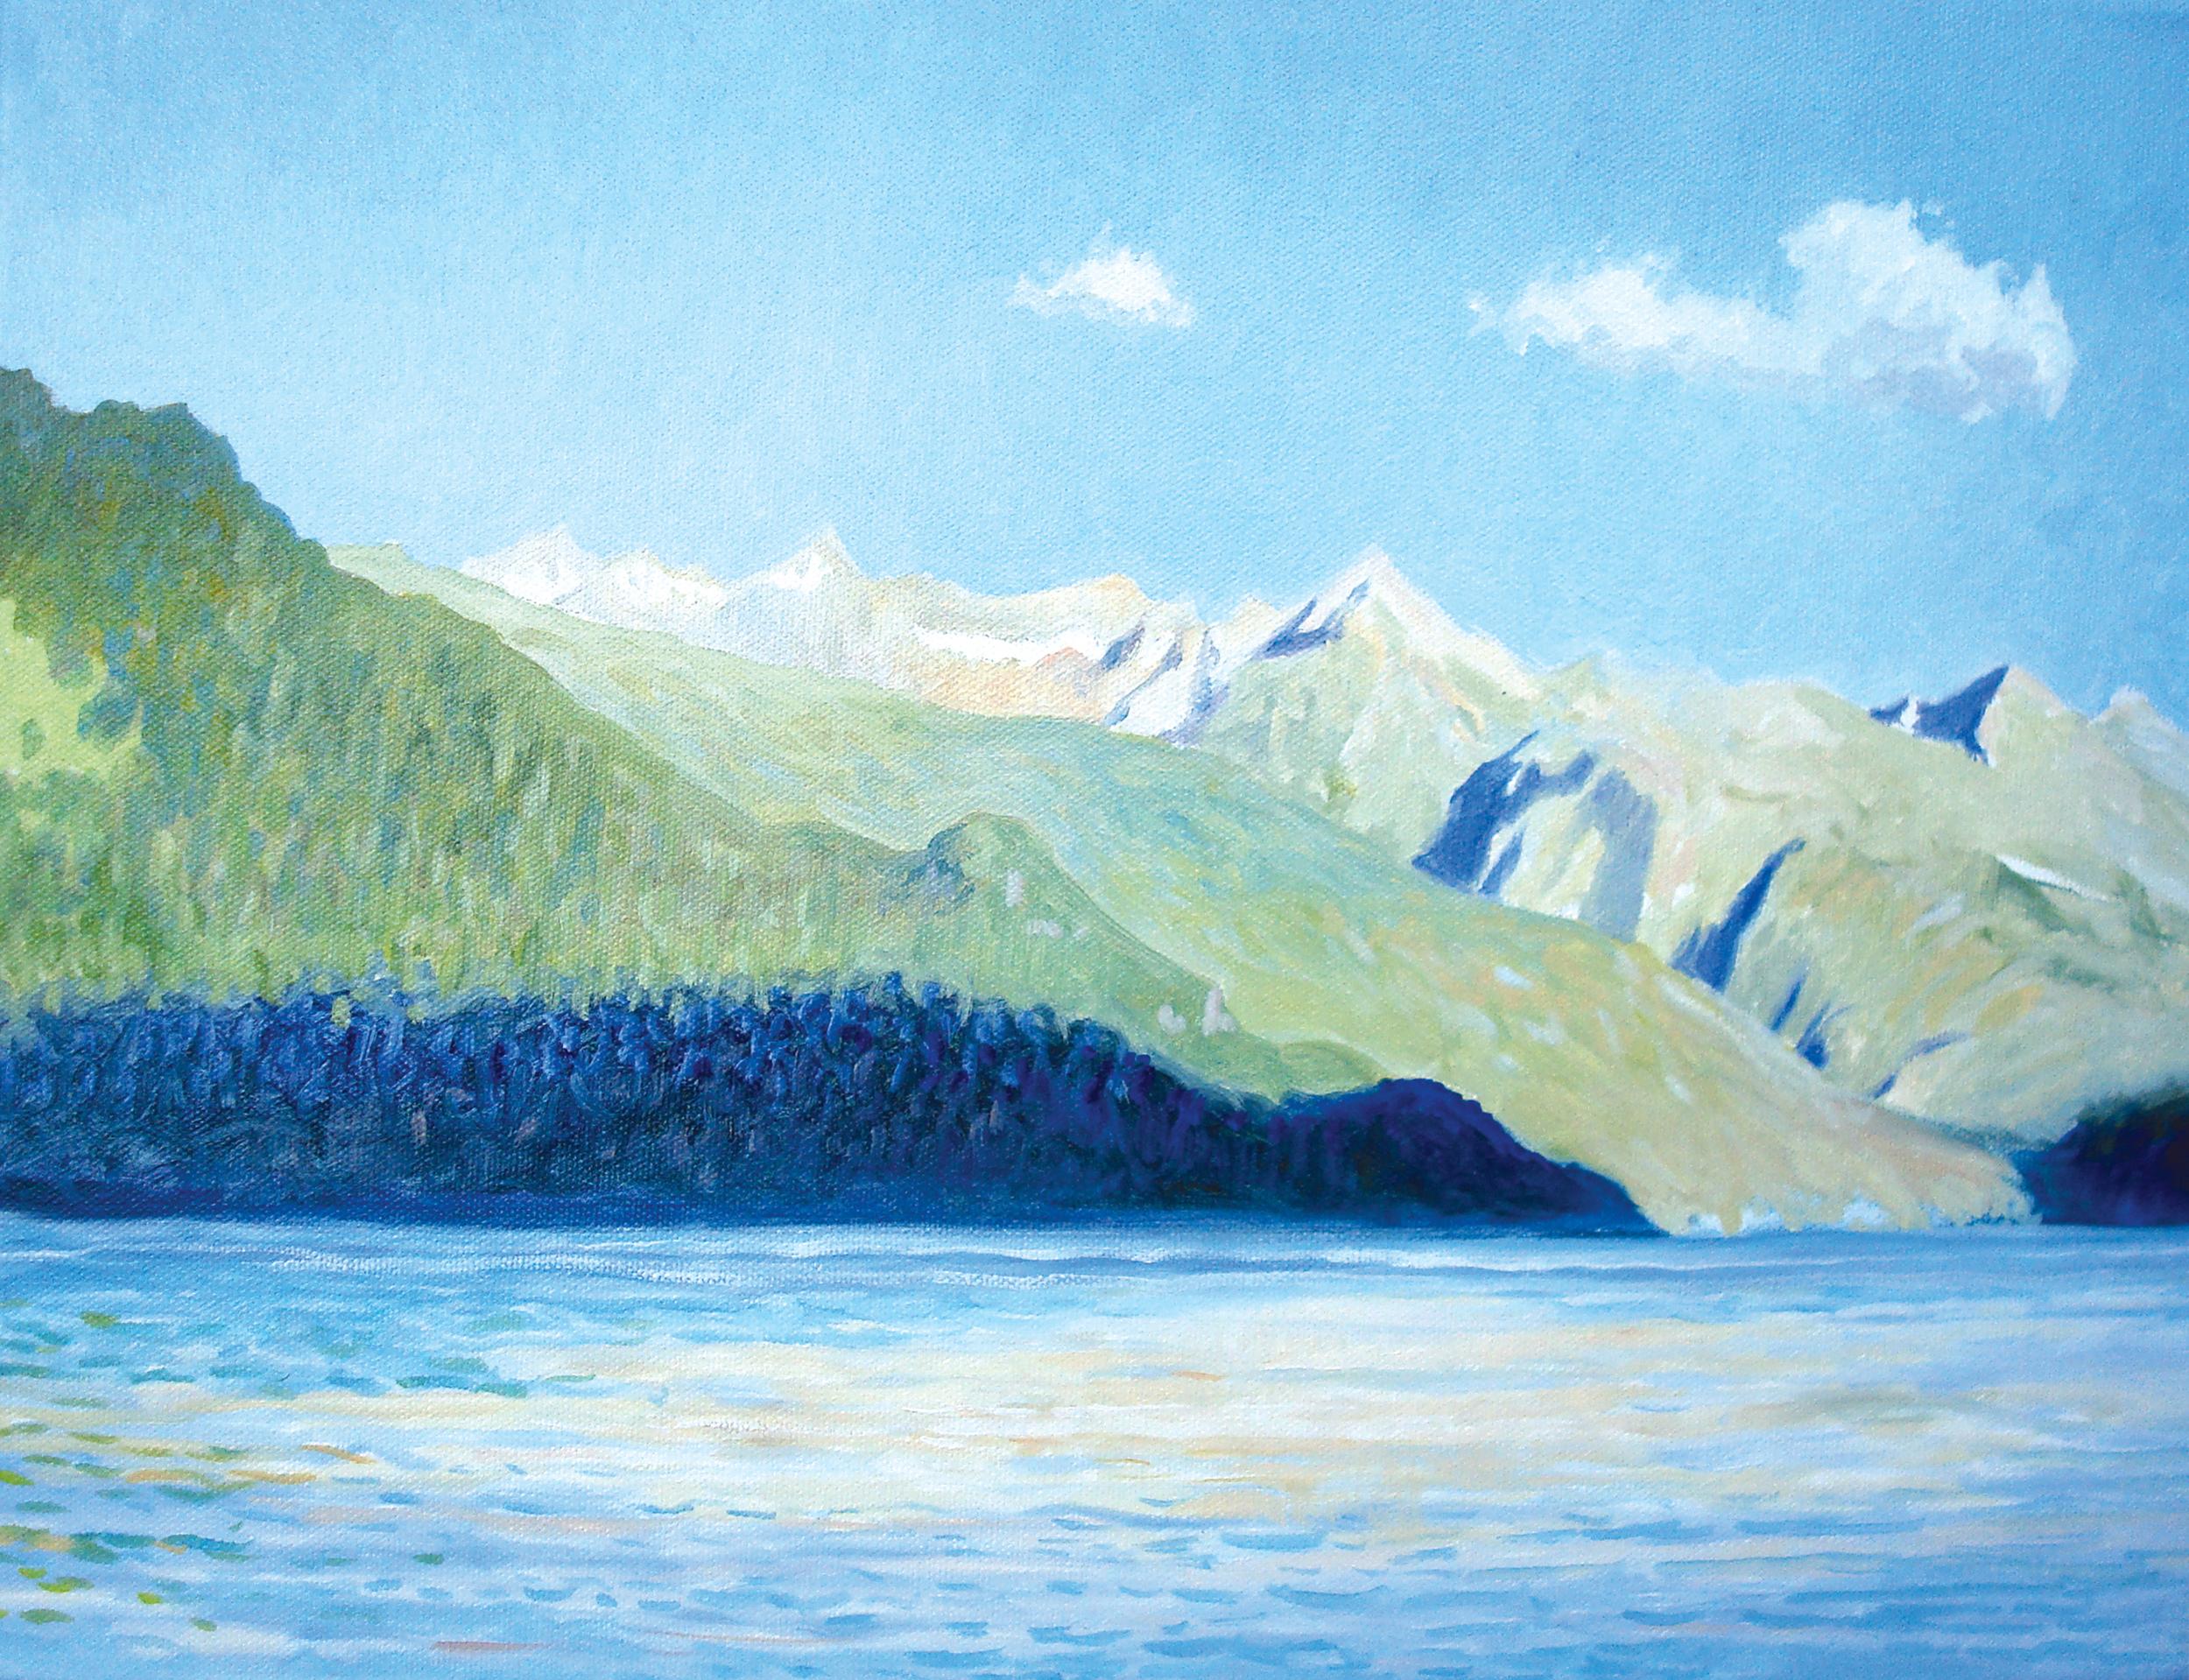 Lake Kootenay, BC